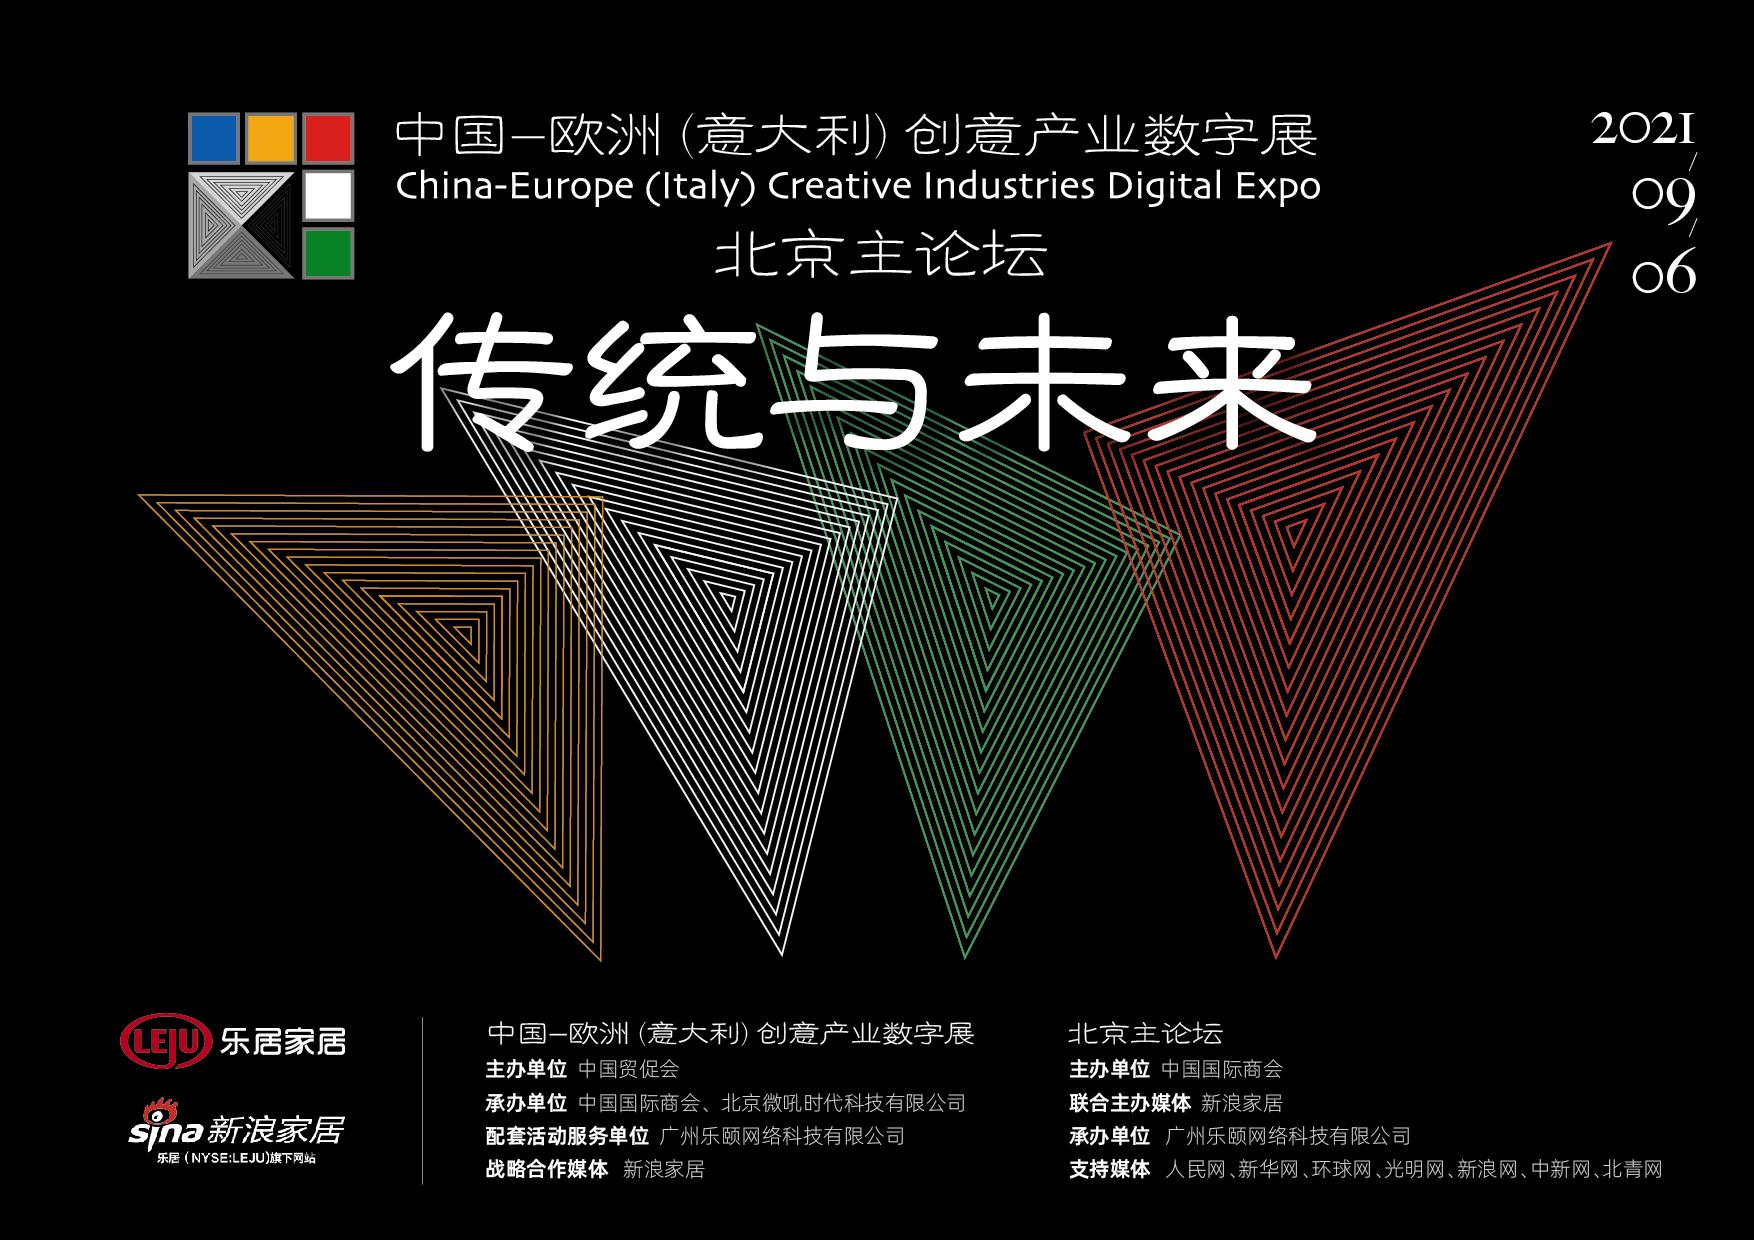 中国-欧洲(意大利)创意产业数字展北京主论坛